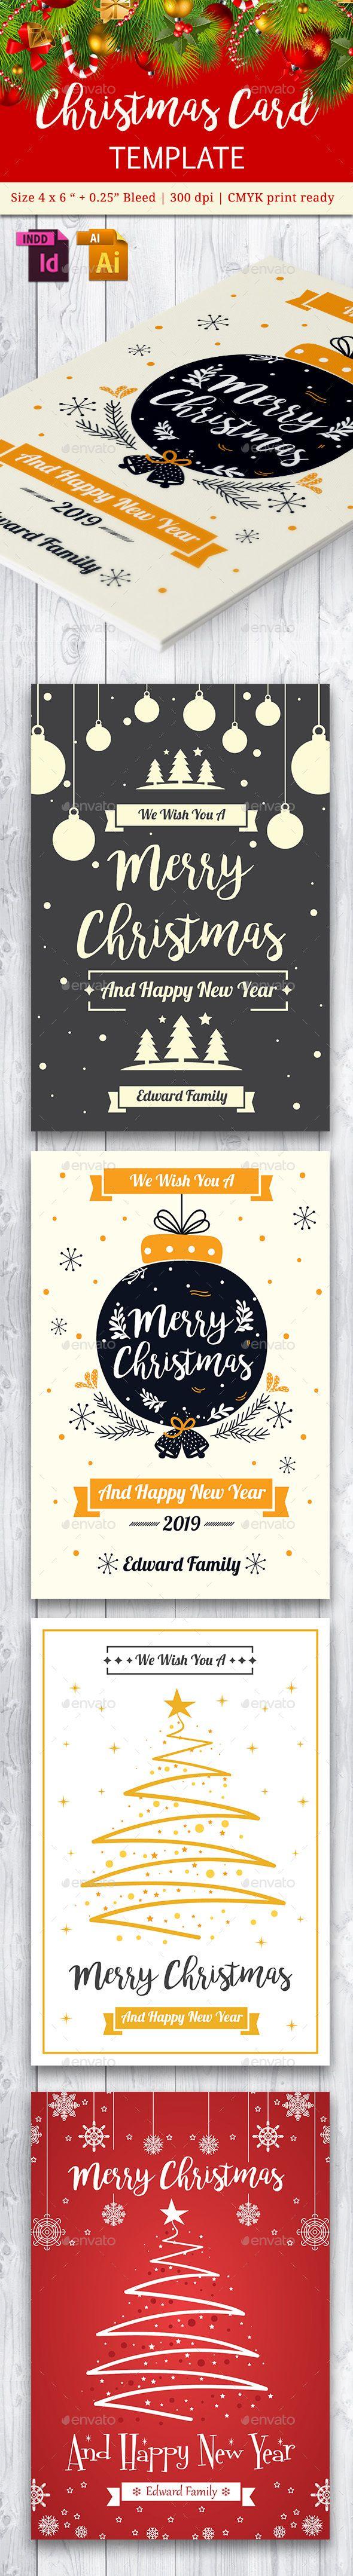 46 best Christmas Design Template images on Pinterest   Plantilla de ...